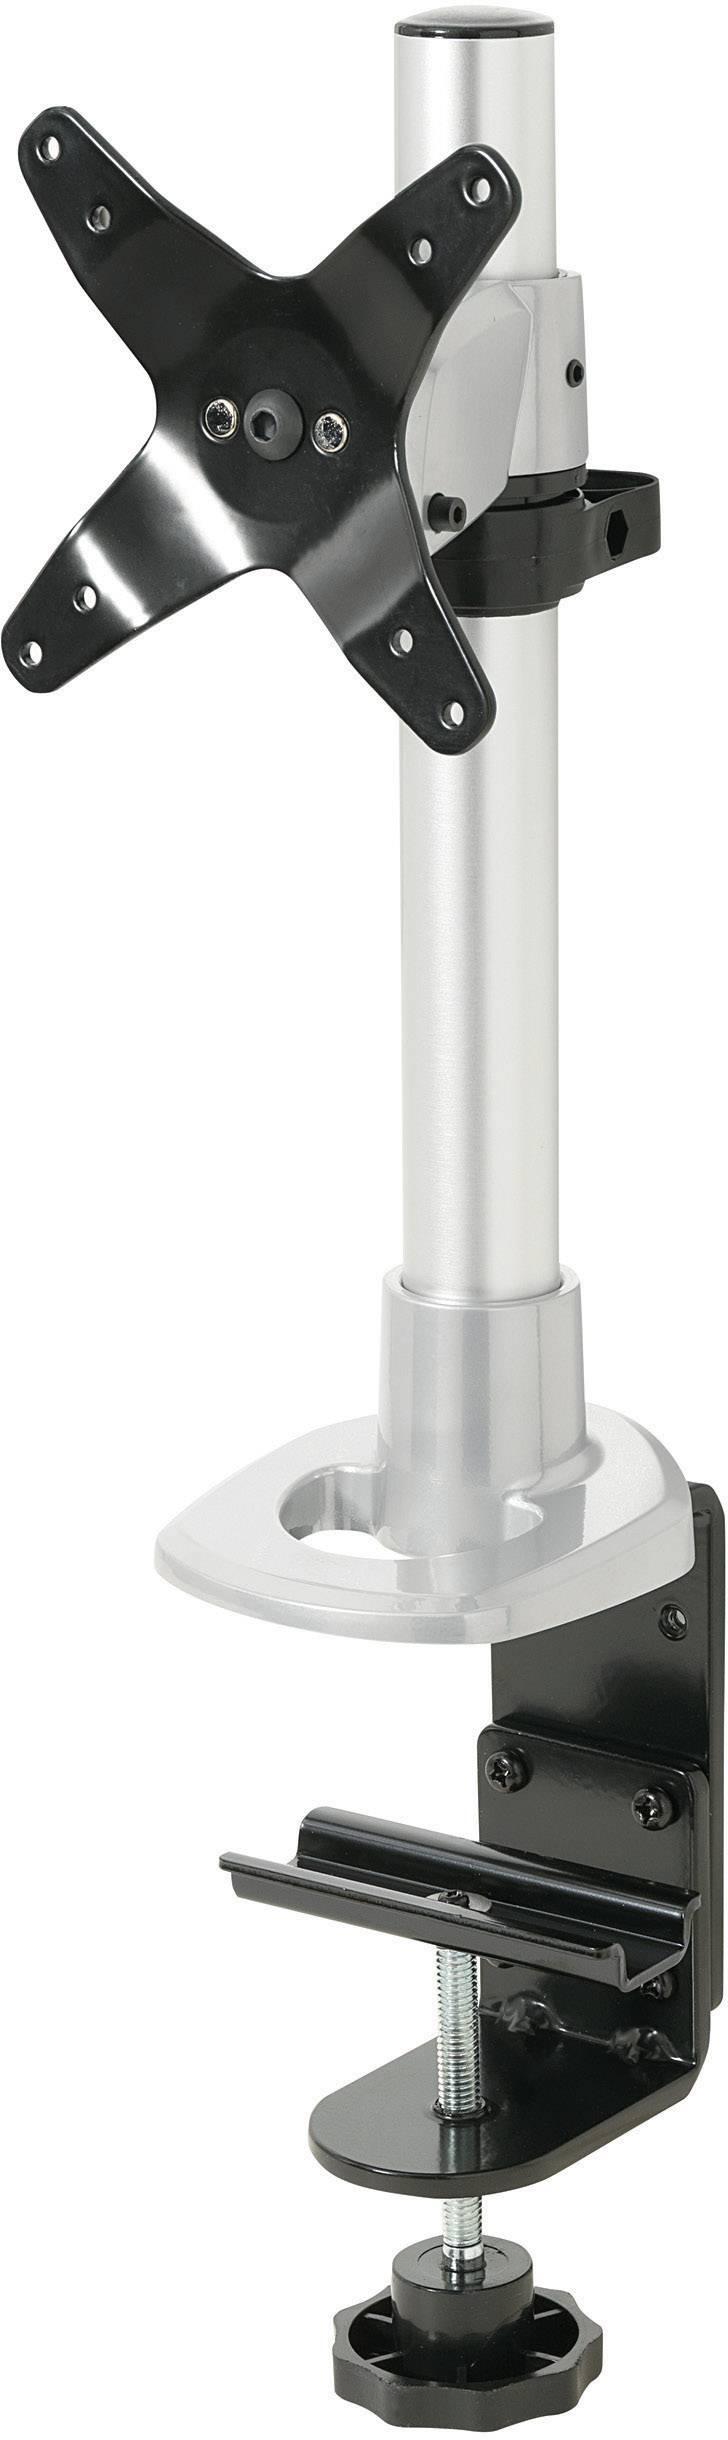 """Stolový držiak monitoru SpeaKa Professional SP-1624740, 25,4 cm (10"""") - 76,2 cm (30""""), striebornočierná"""